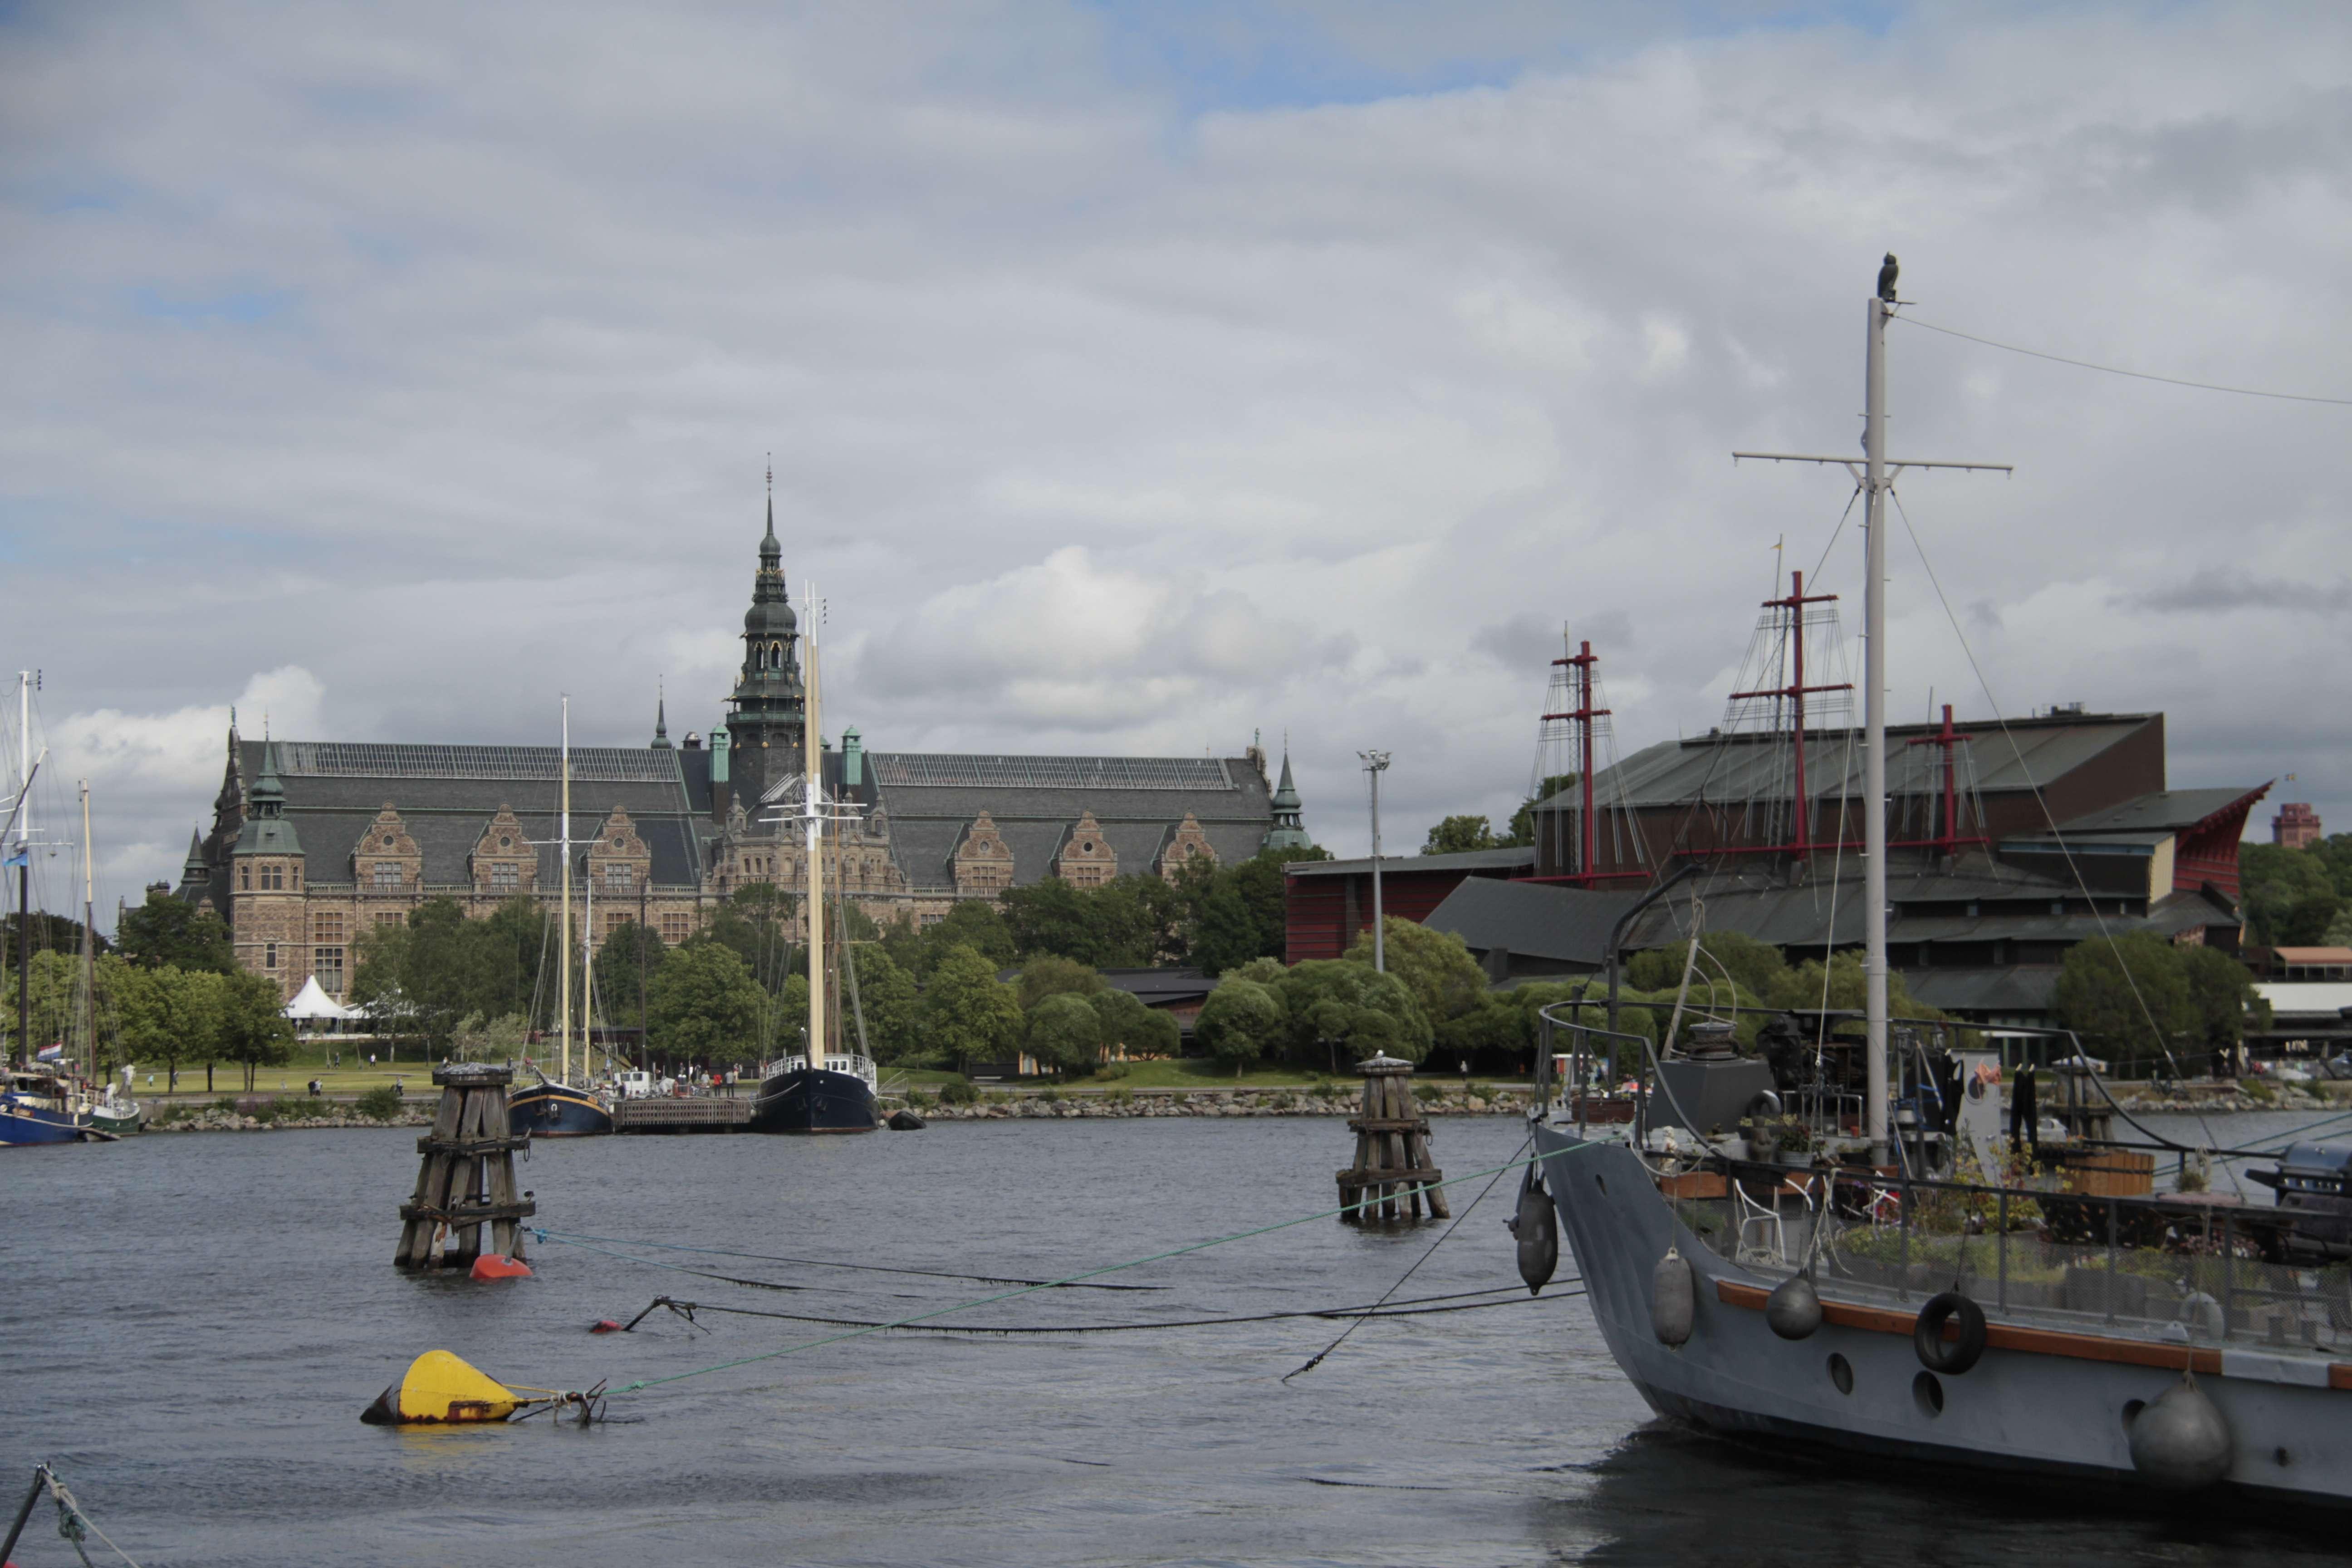 Suede_0085 Stokholm Skeppsholmen